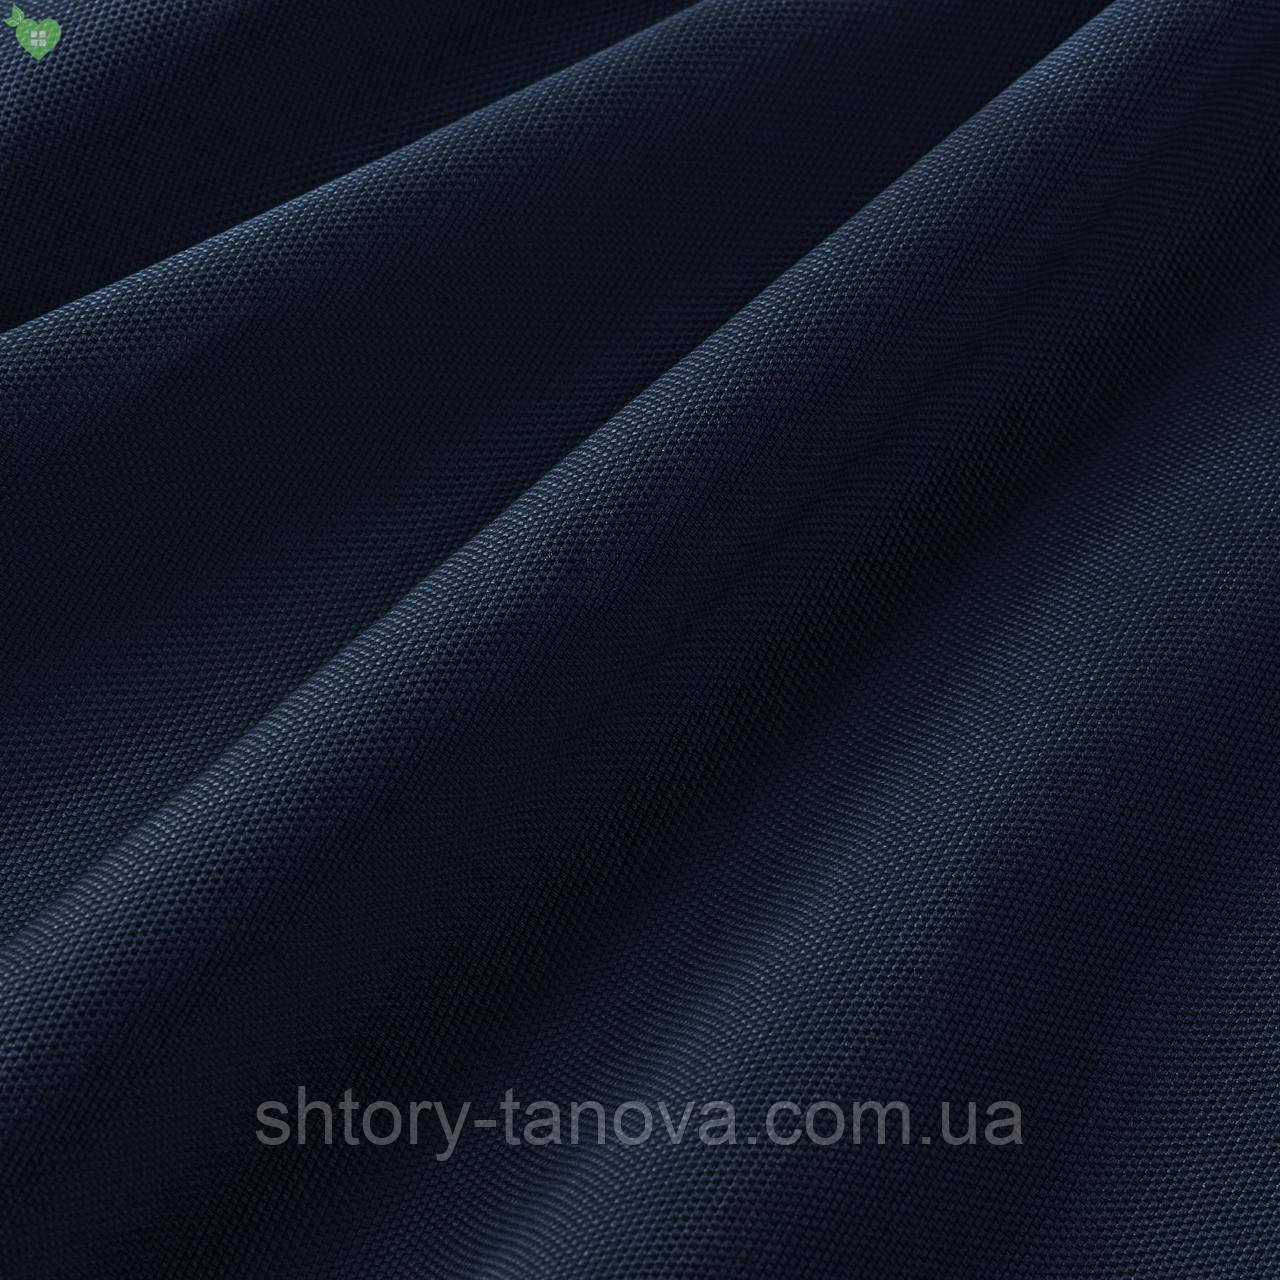 Уличная ткань фактурная синего цвета для беседки со шторками